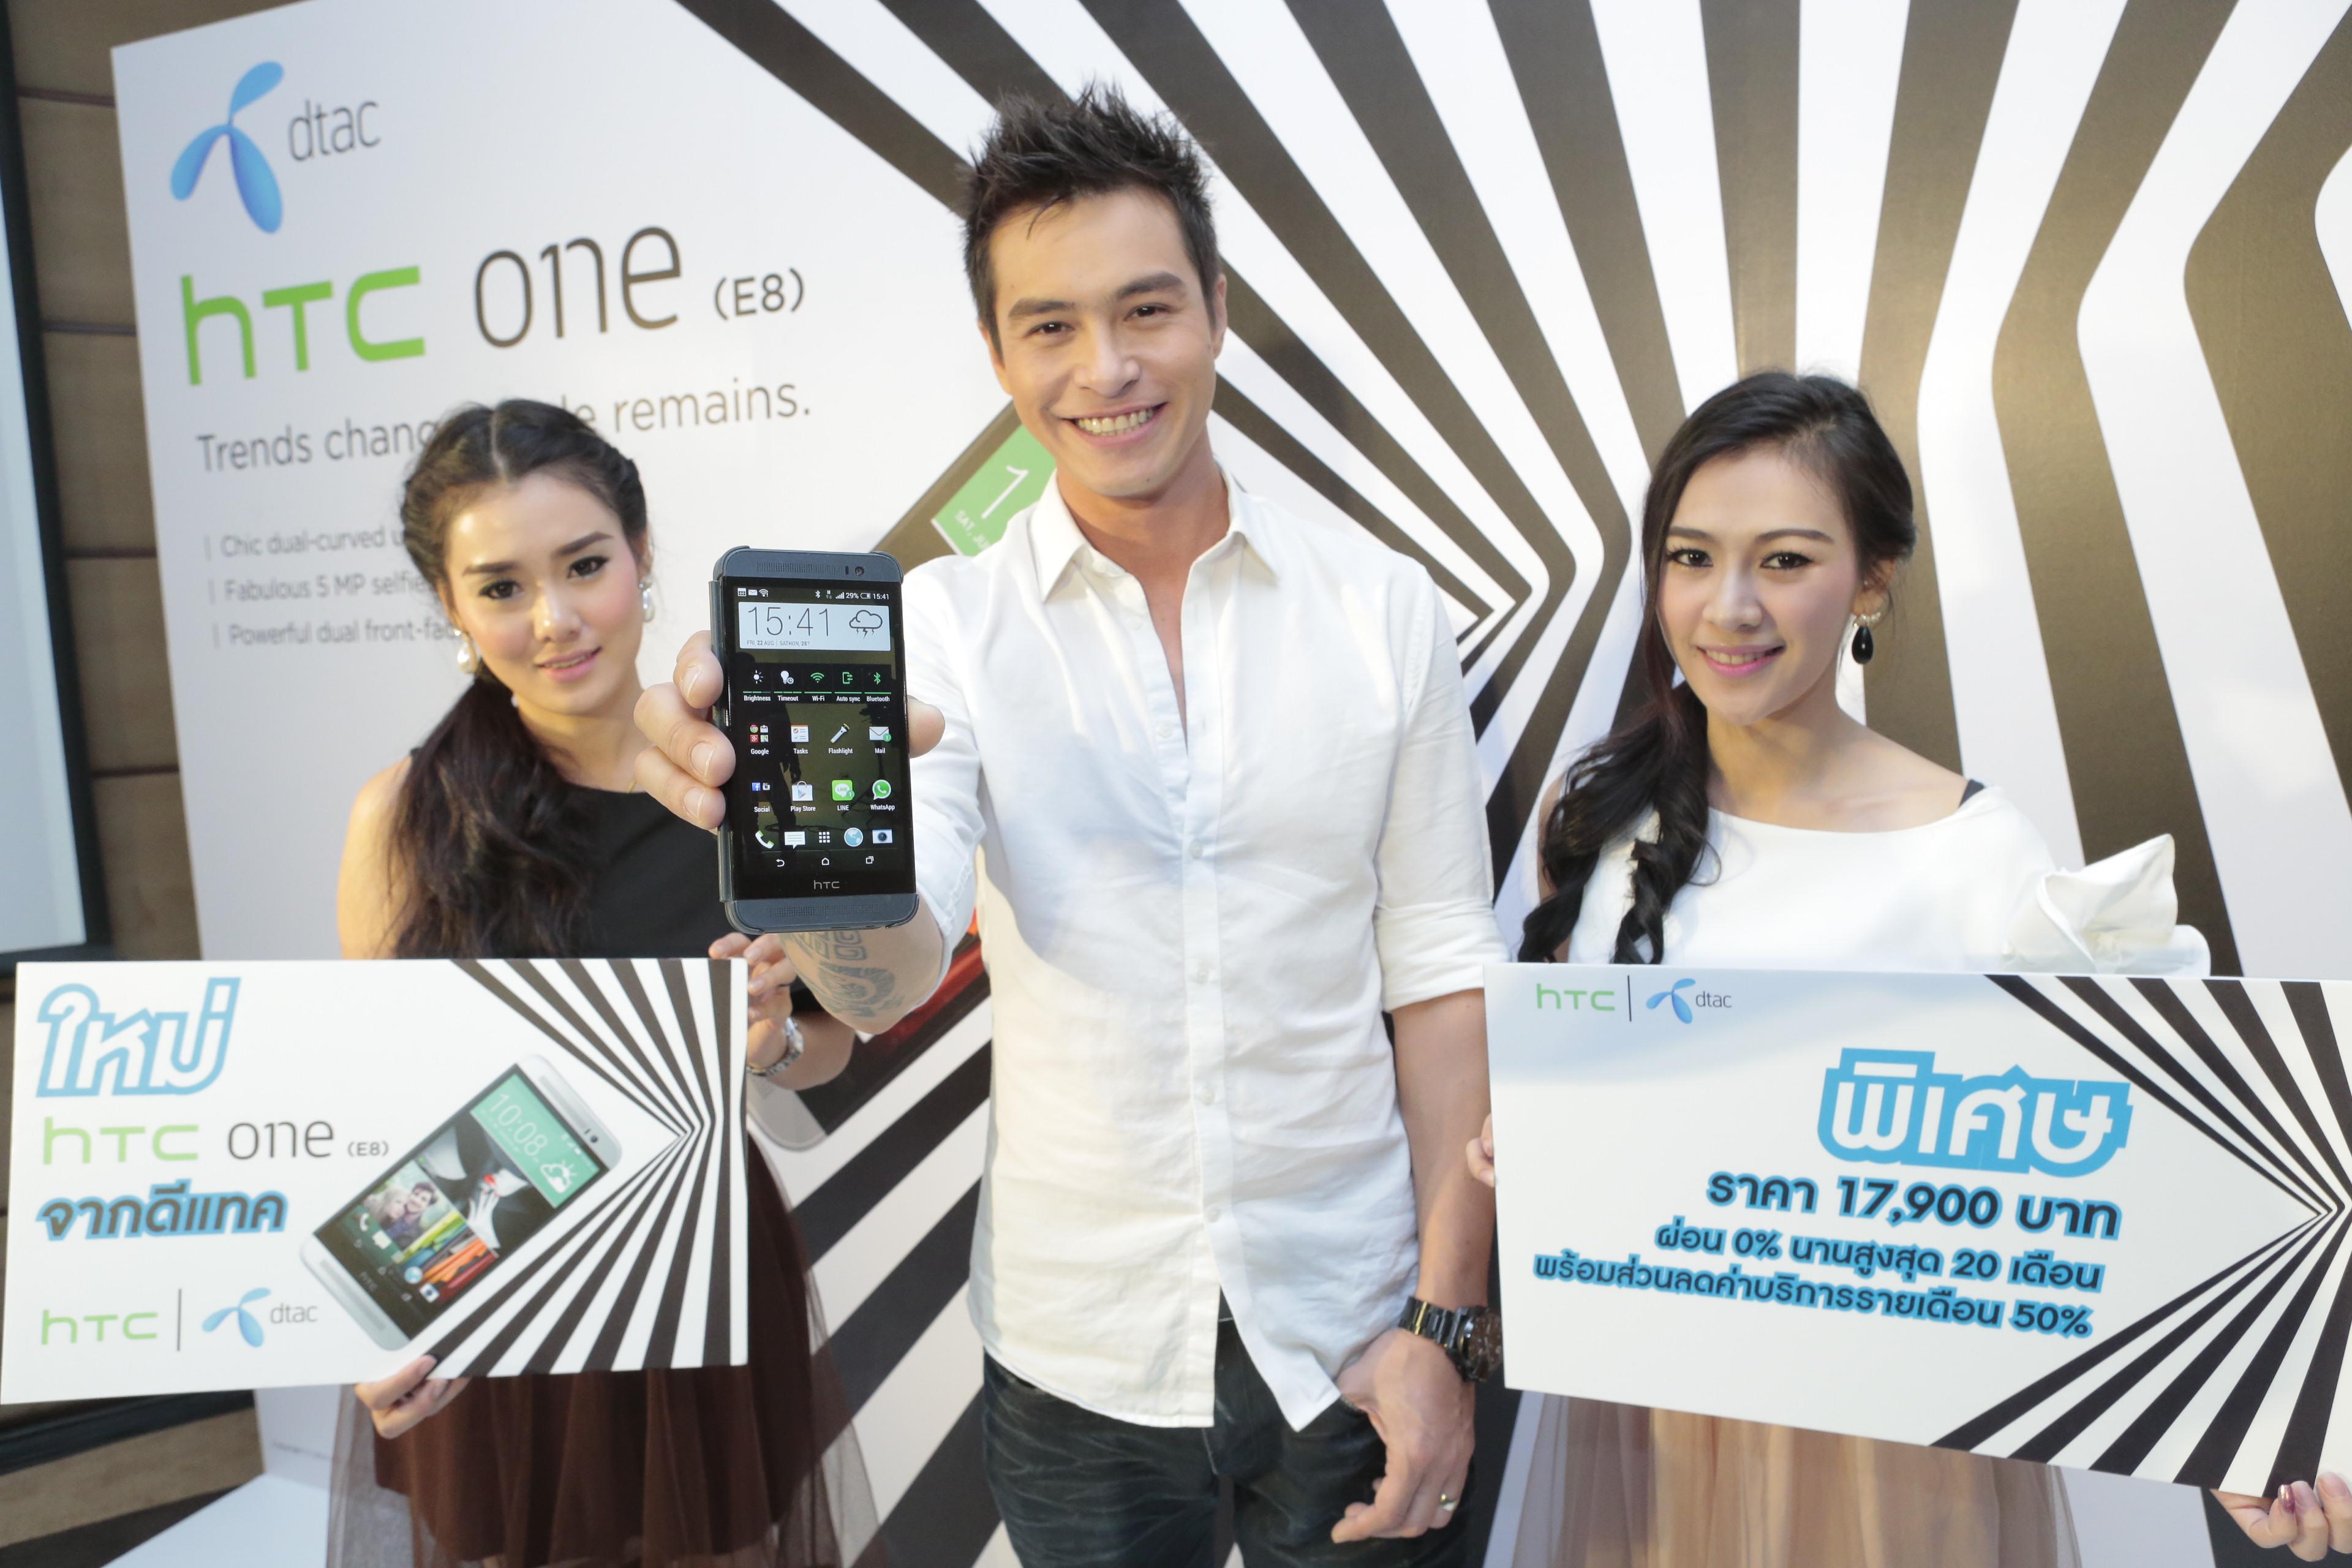 ปีเตอร์ คอร์ป ไดเรนดัล เปิดตัว HTC One E8